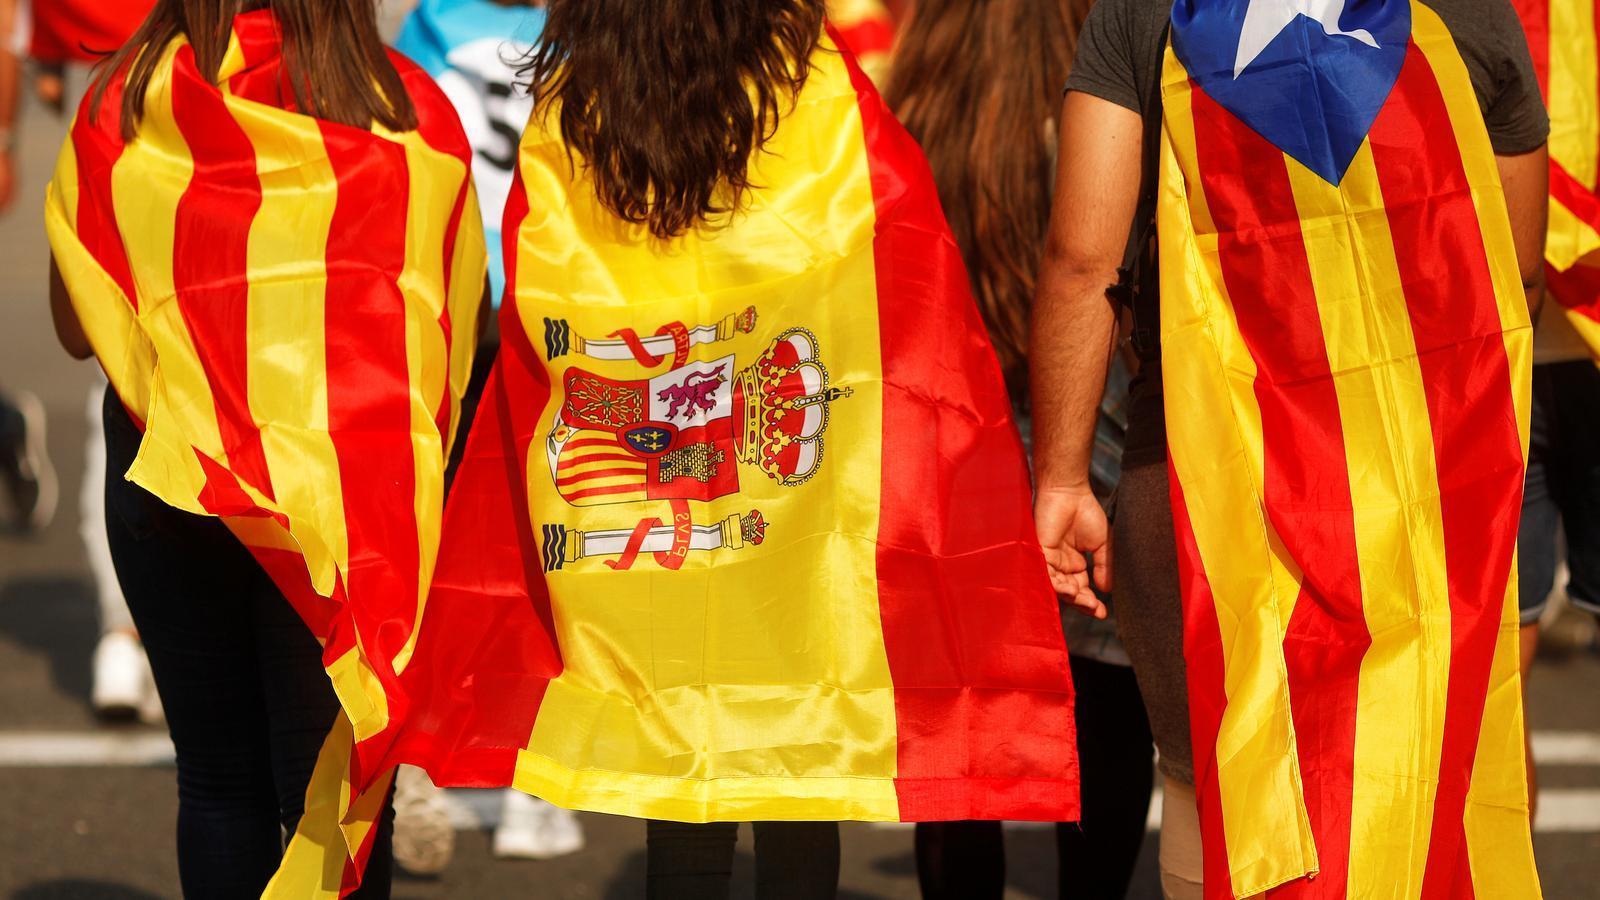 Tres joves vestits amb la bandera catalana, espanyola i l'estelada, a la manifestació contra la violència policial, el passat 3 d'octubre. / JON NAZCA / REUTERS